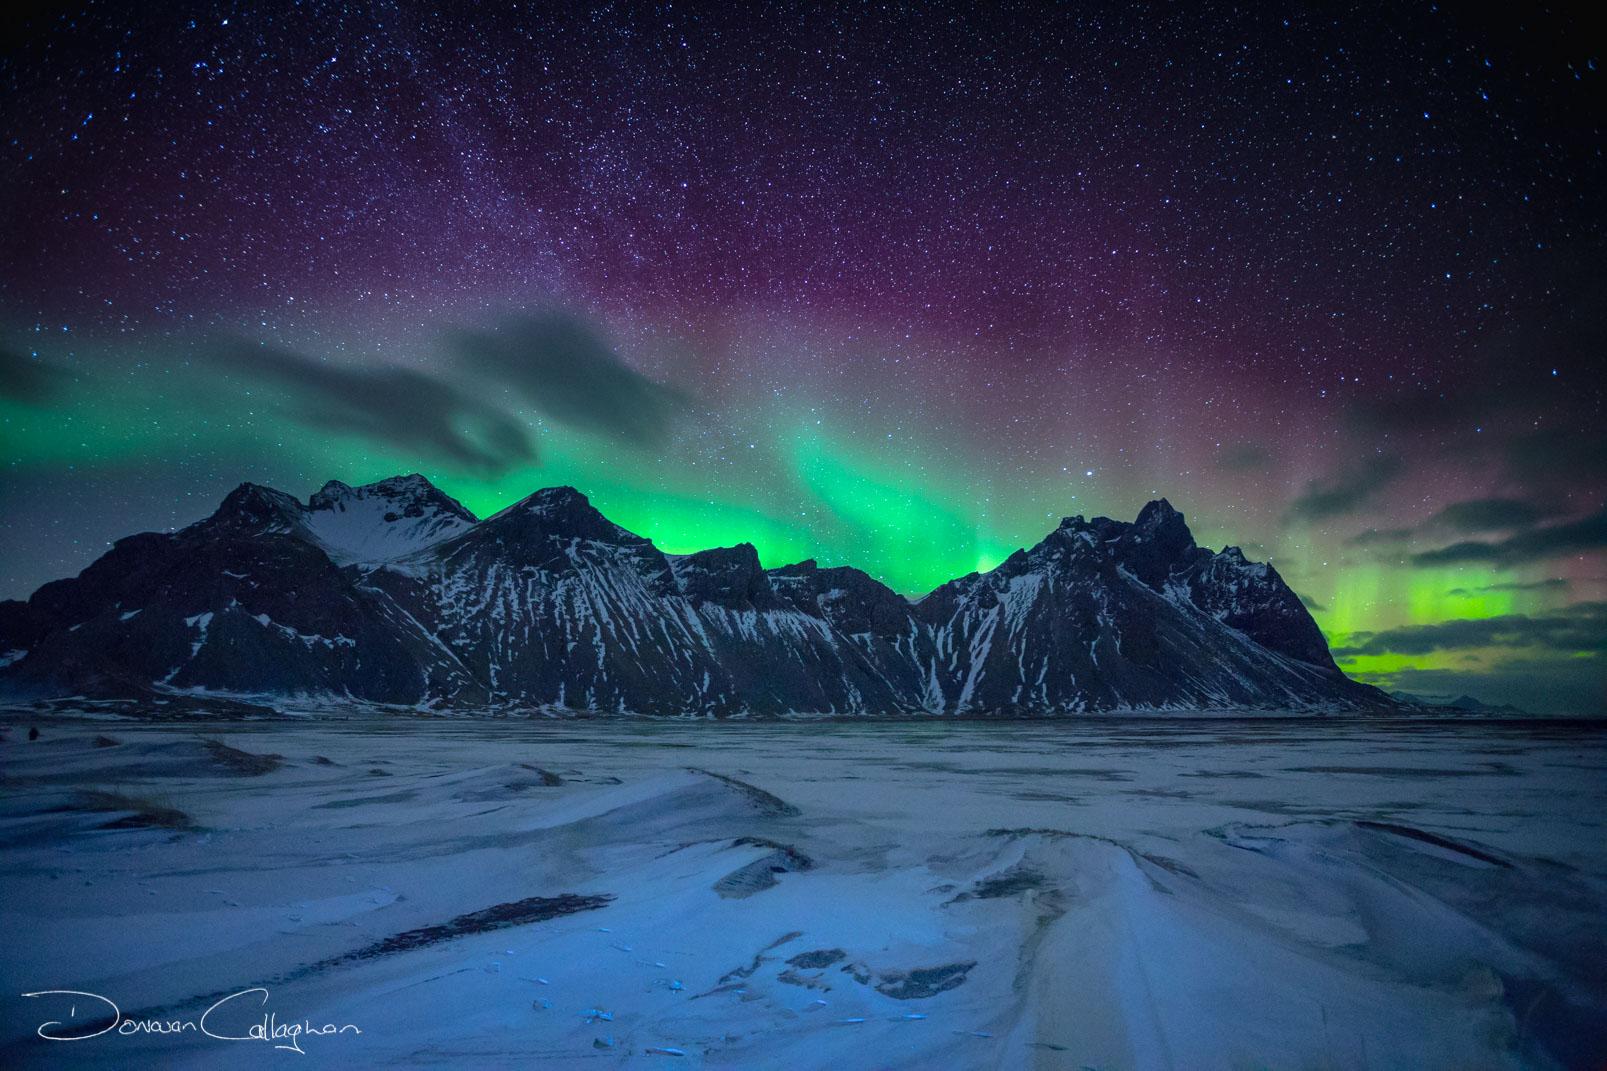 Aurora borealis at Vestrahorn Mountain, Iceland